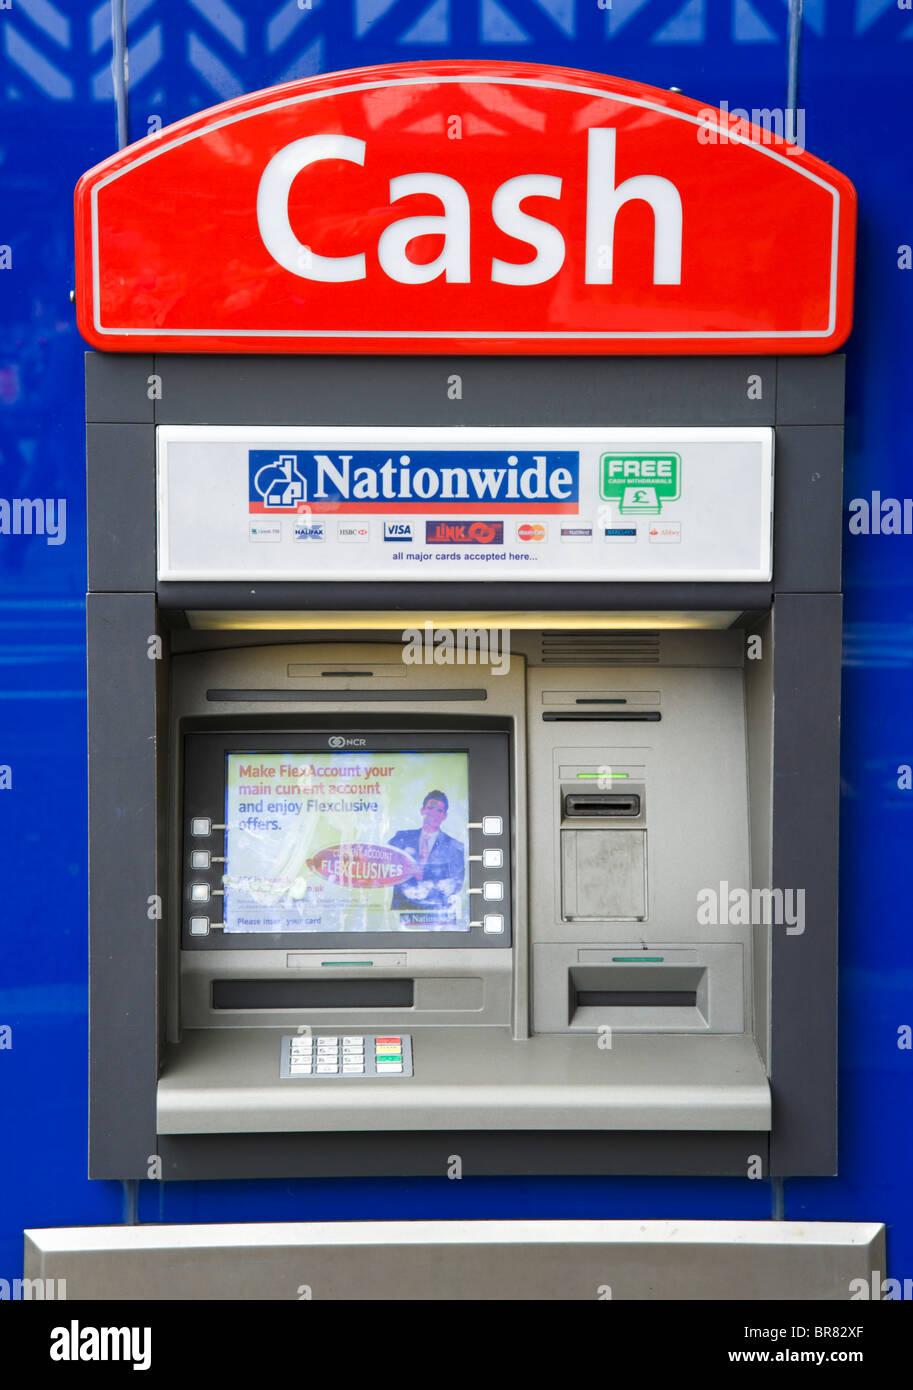 Nationwide cajero automático en el centro de la ciudad, Cheshire, Inglaterra, Reino Unido. Imagen De Stock